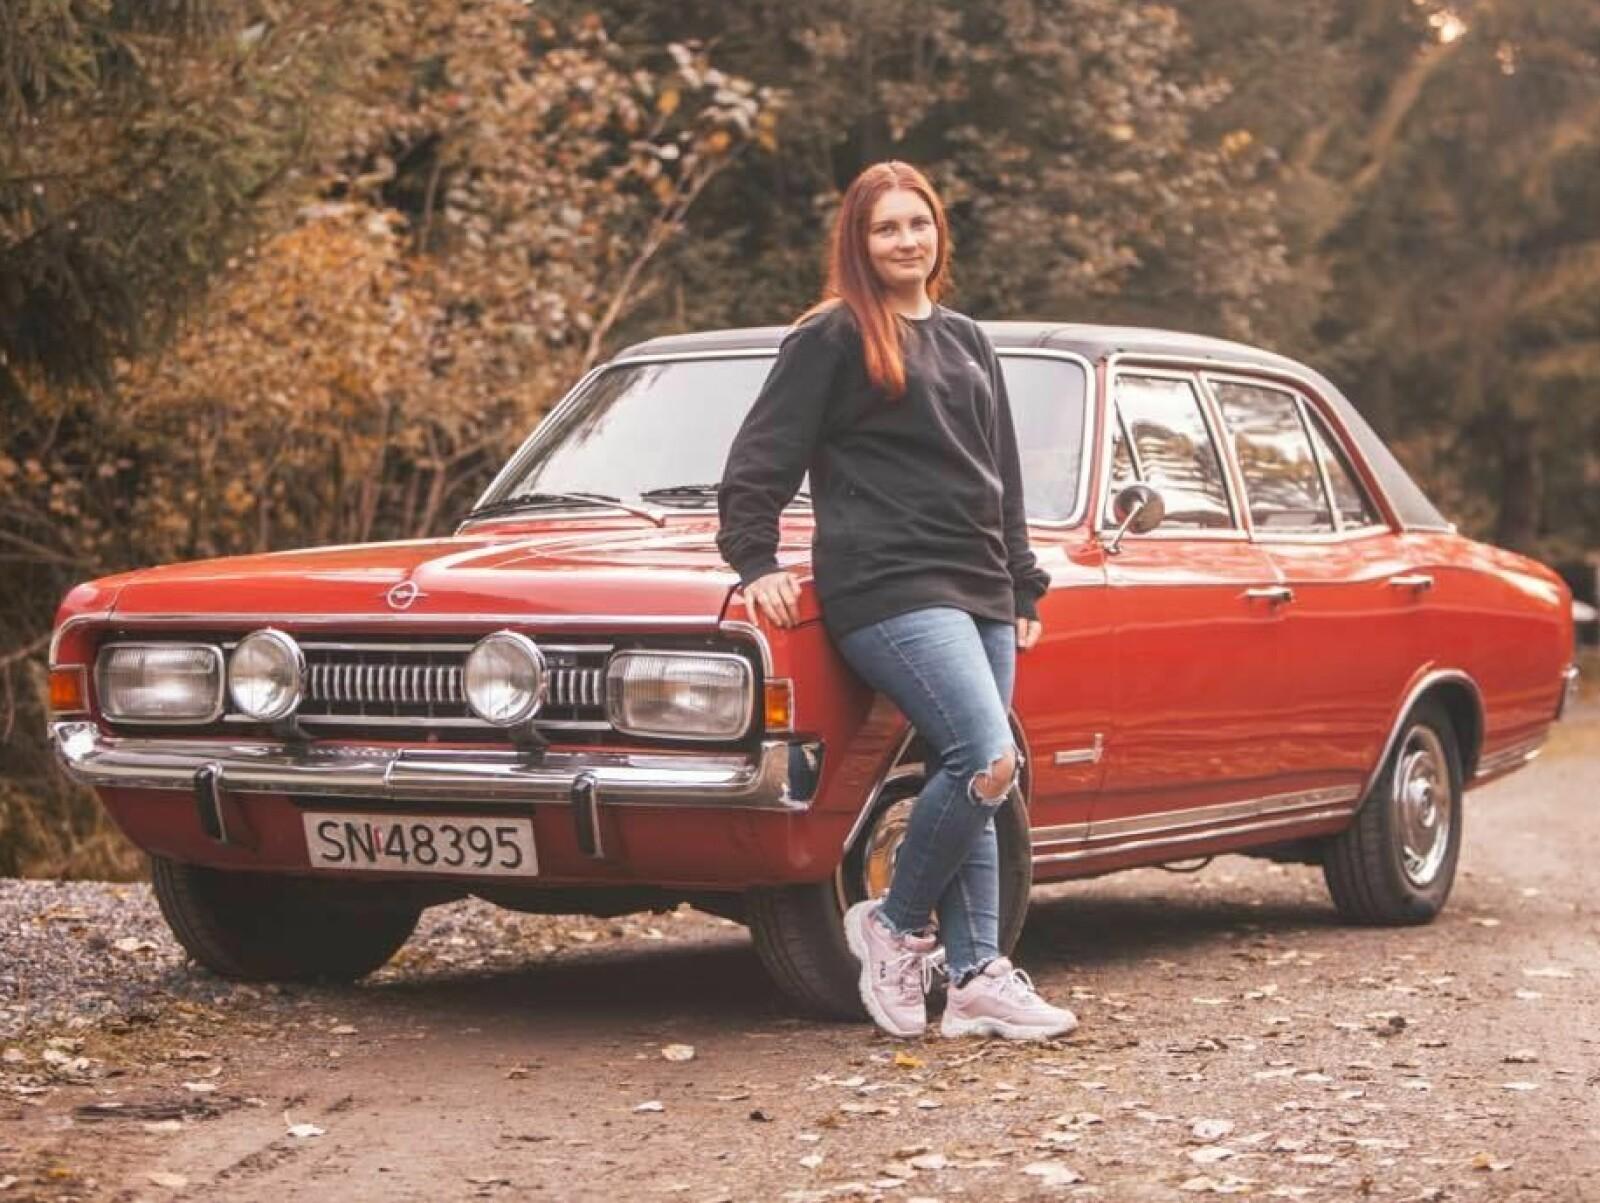 COMEBACK: Vanja Nygård i Holmestrand har gjort Opel kult igjen blant tusenvis av facebook-mennesker ved å dokumentere spontane innfall og kjøreturer med Opel Commodore.